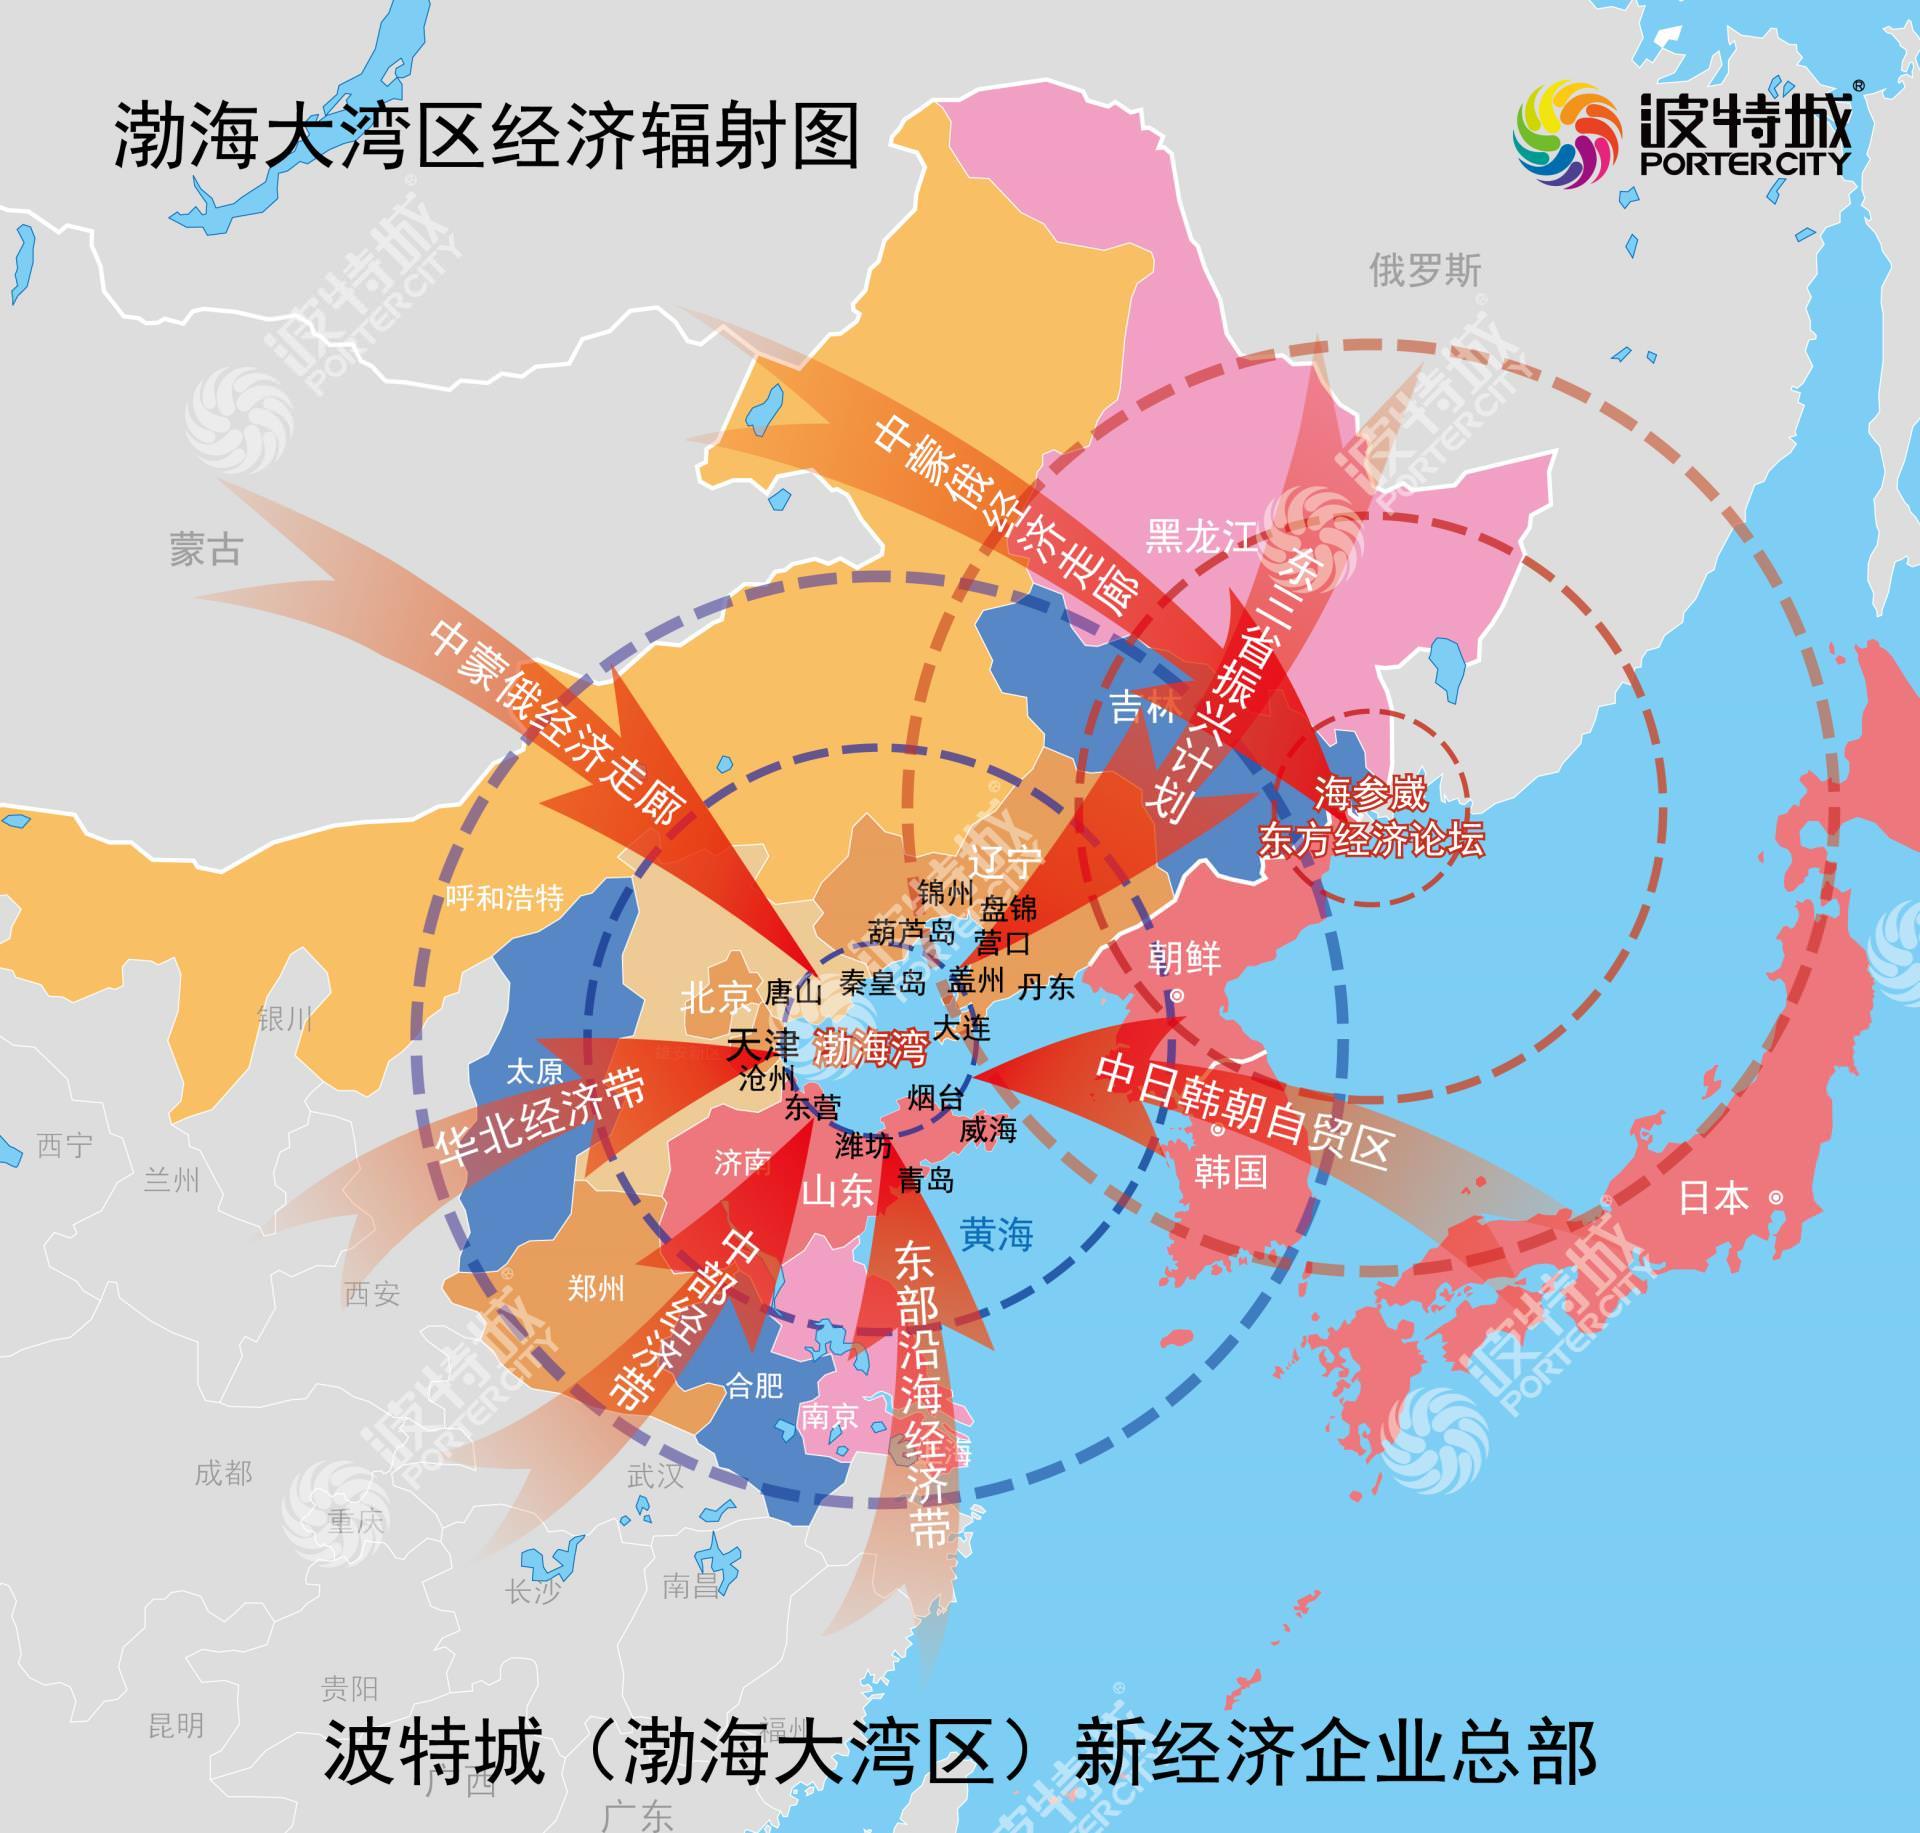 大湾区辐射图+水印(2).jpg